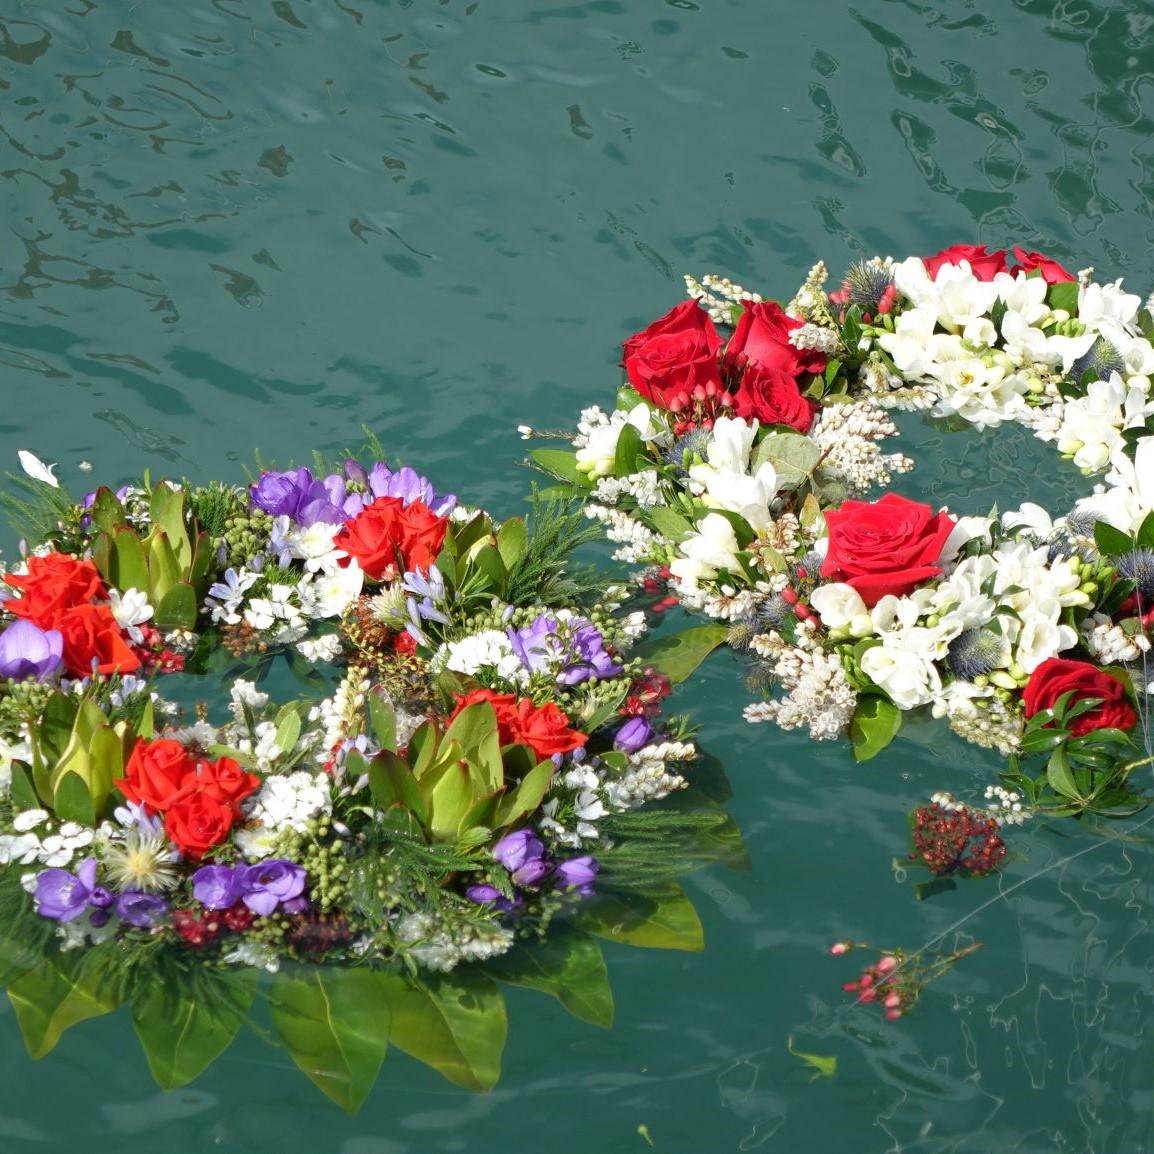 https://rfacdn.nz/maritime/assets/media/wreaths-in-water-thumbnail-merchant-navy.jpg